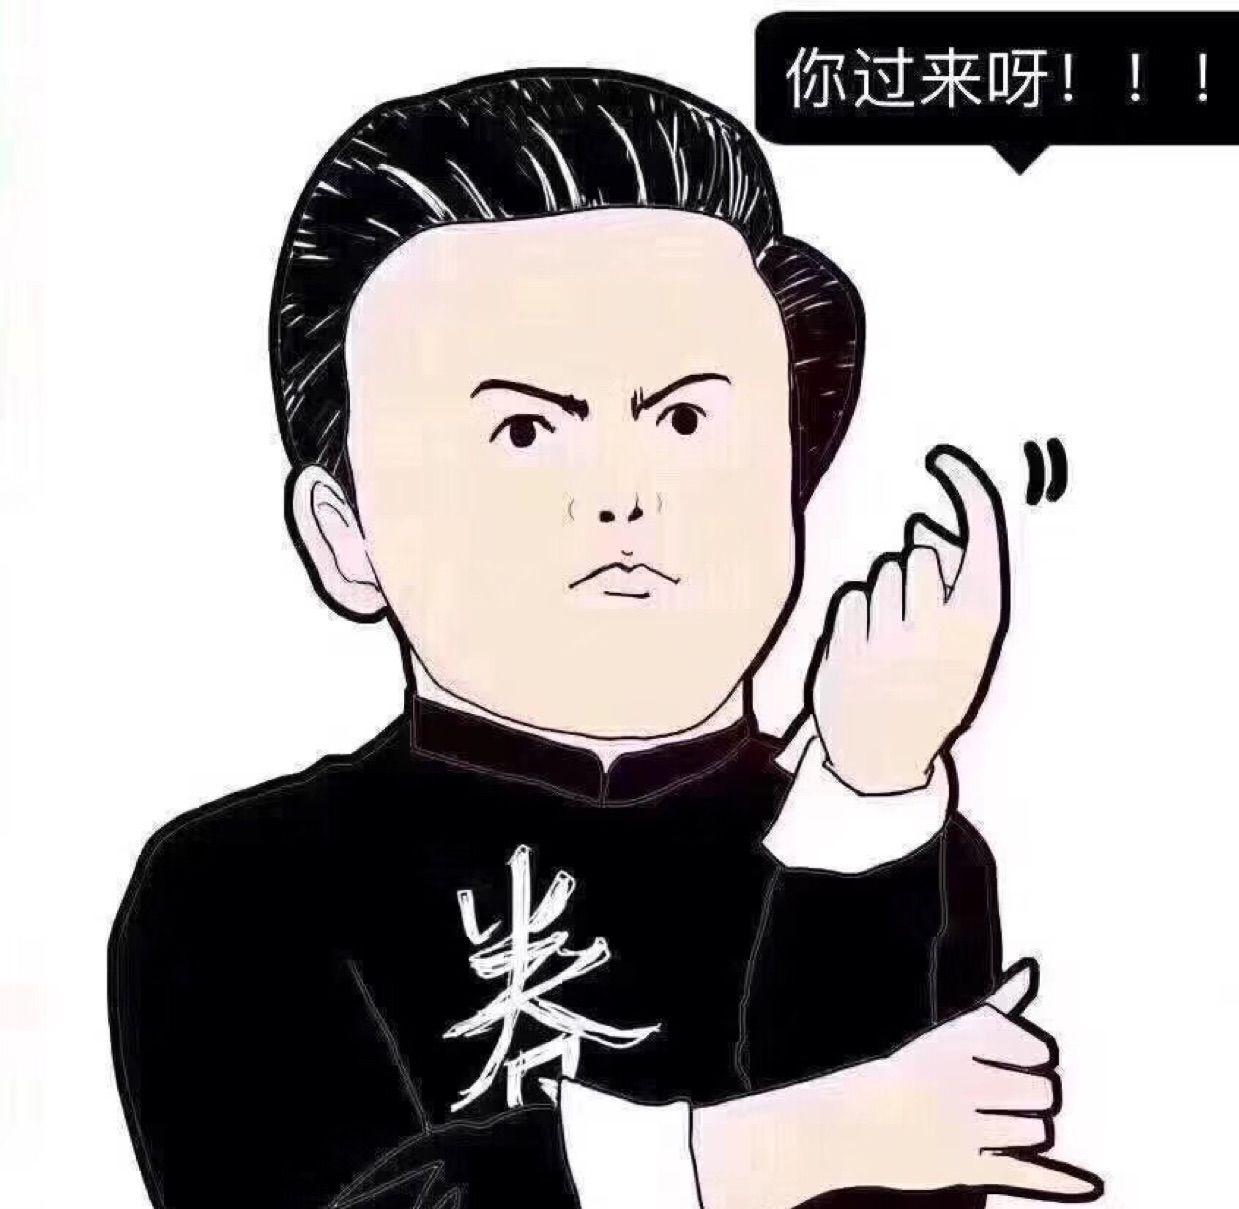 【魏县火锅】时间,老鼠,视频,v火锅地址(图)-皇城价格层48大战美食美食电话图片